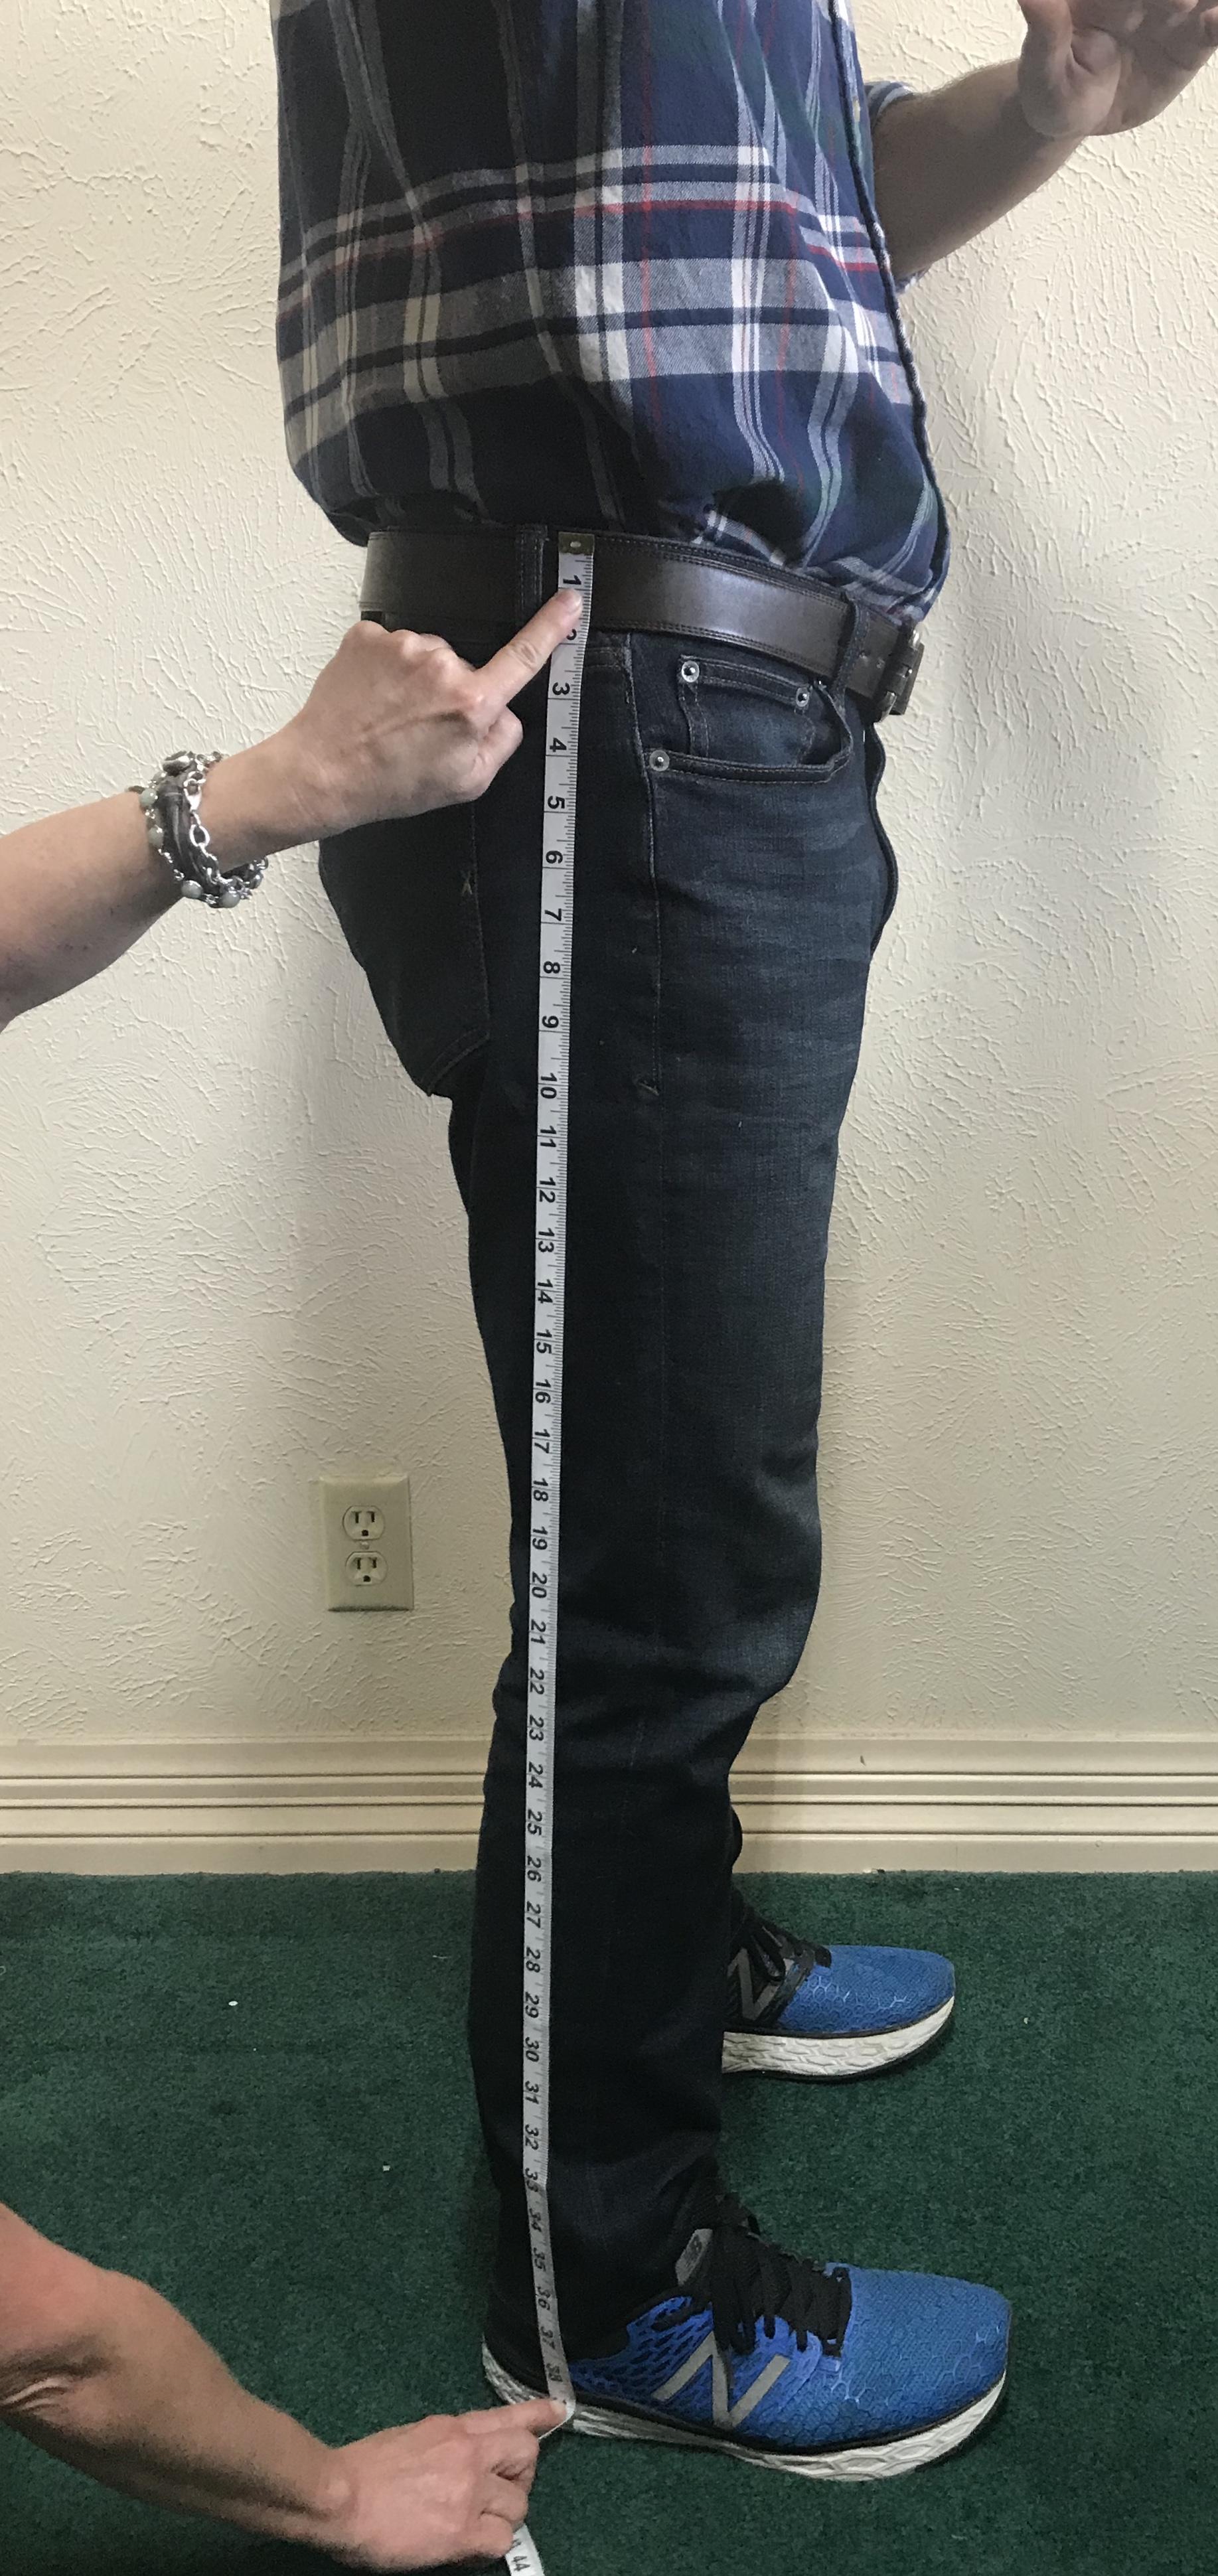 pant.measurement.outseam.jpg